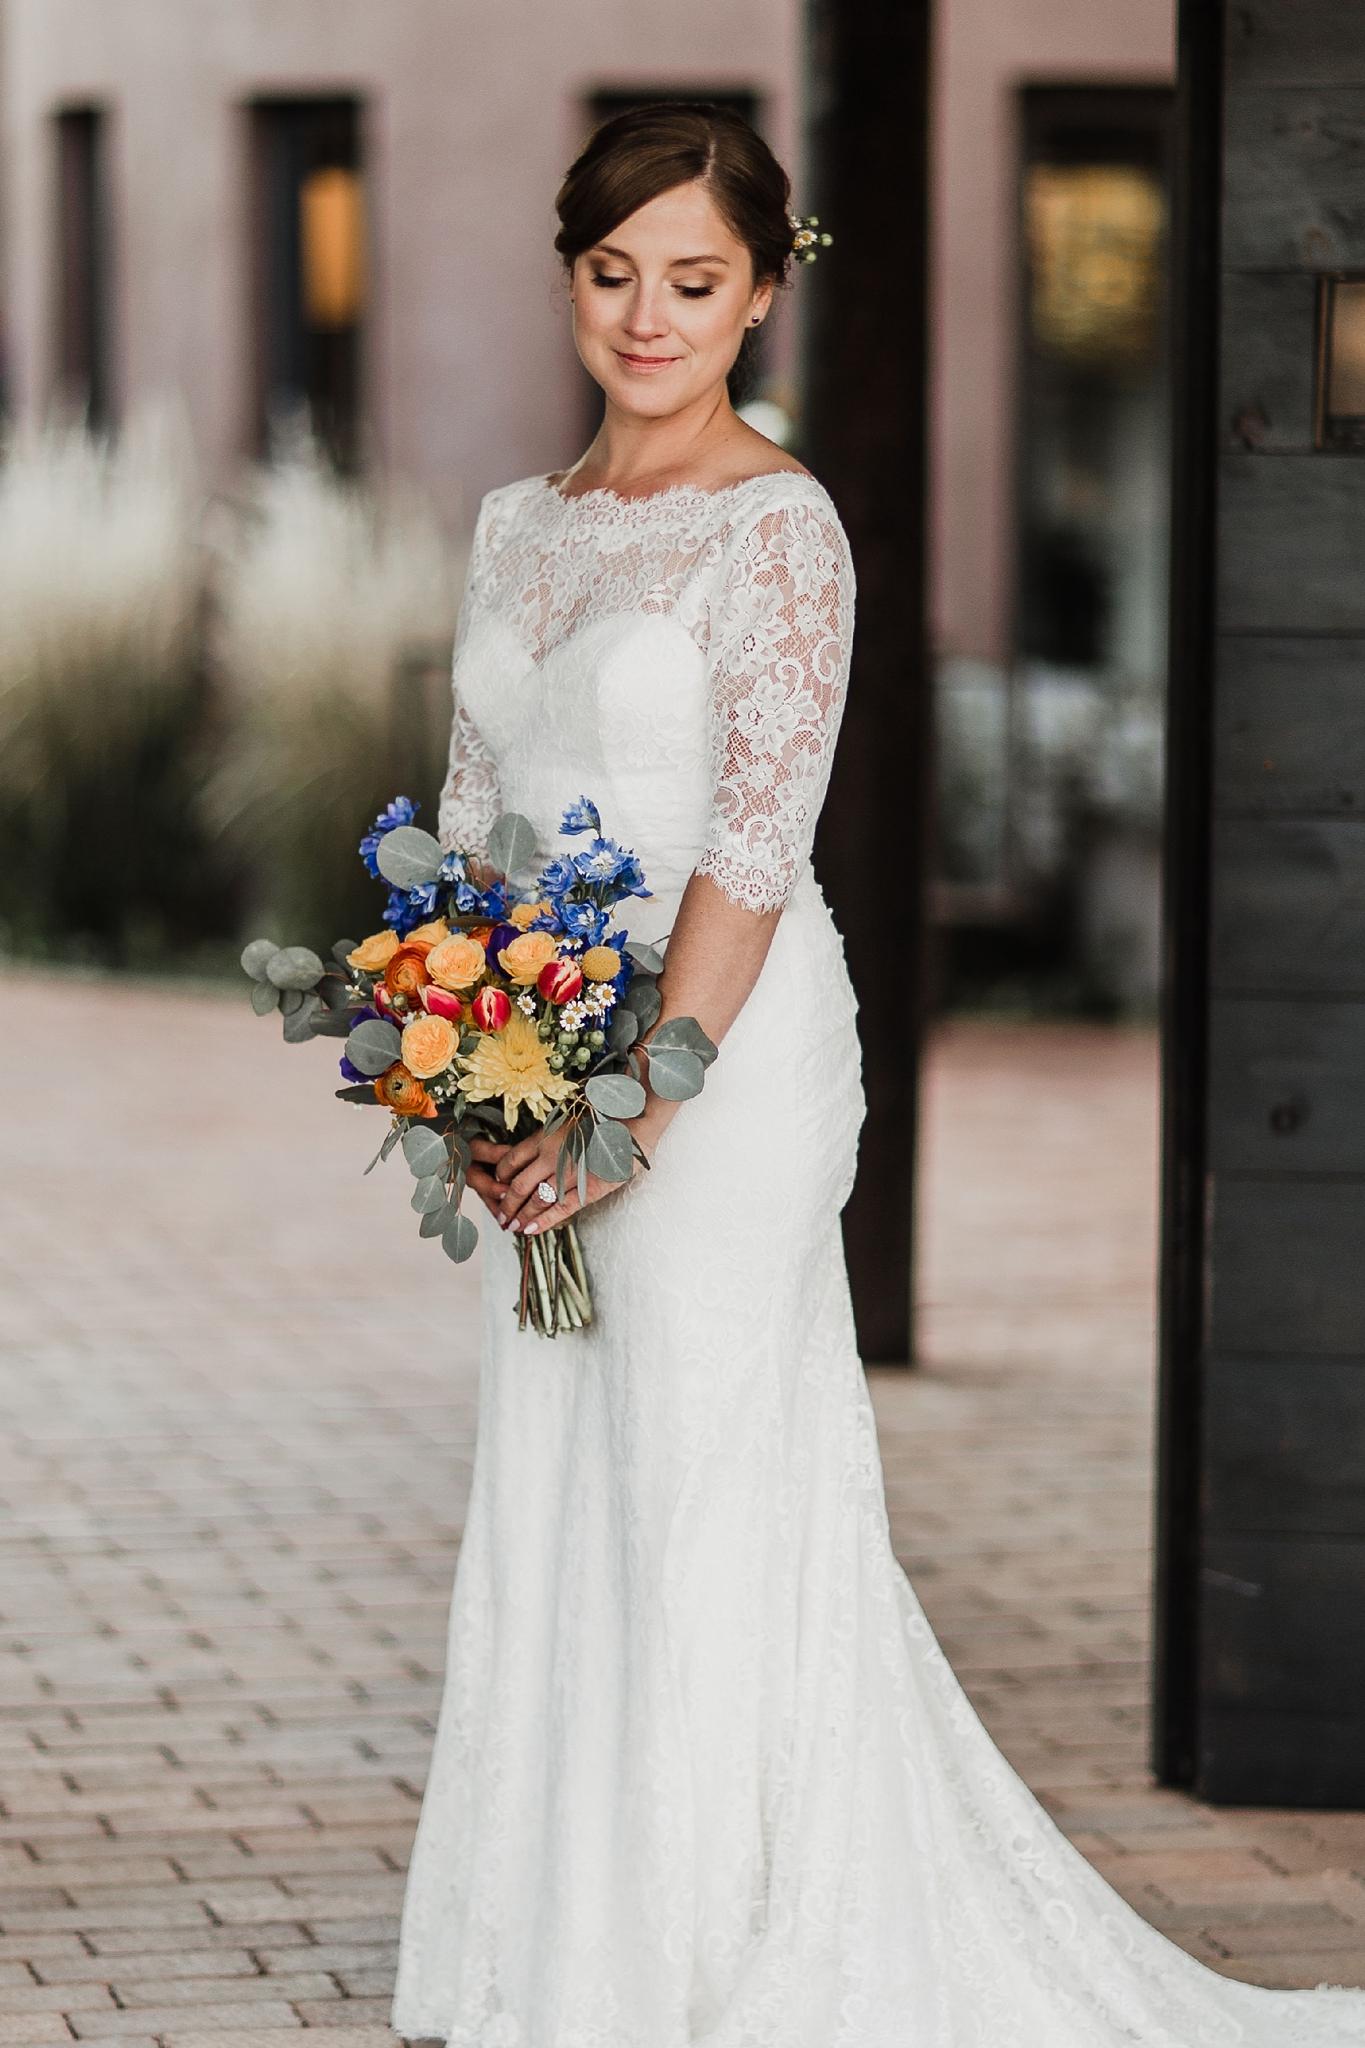 Alicia+lucia+photography+-+albuquerque+wedding+photographer+-+santa+fe+wedding+photography+-+new+mexico+wedding+photographer+-+new+mexico+wedding+-+wedding+makeup+-+makeup+artist+-+wedding+makeup+artist+-+bridal+makeup_0006.jpg